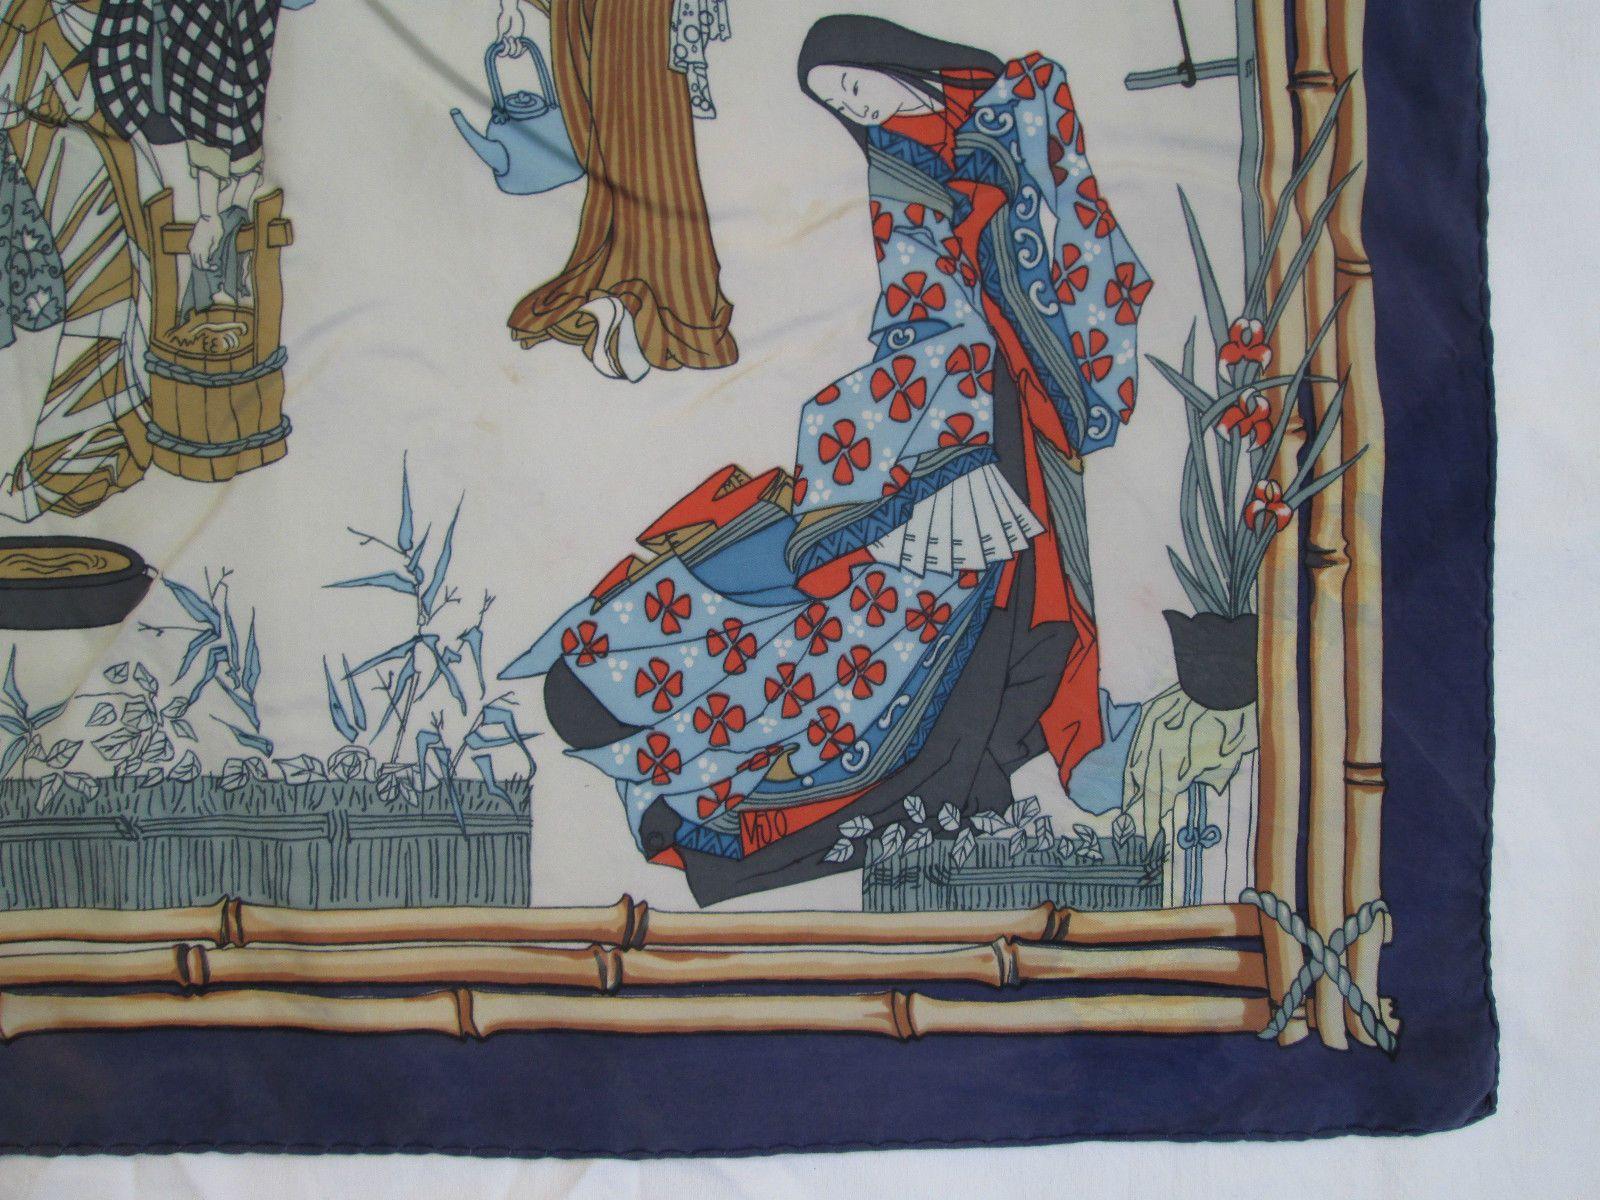 Superbe Foulard Carré Hermès Geisha 1 Seule Édition 1966 Soie BEG Vintage    eBay 3281109b06d